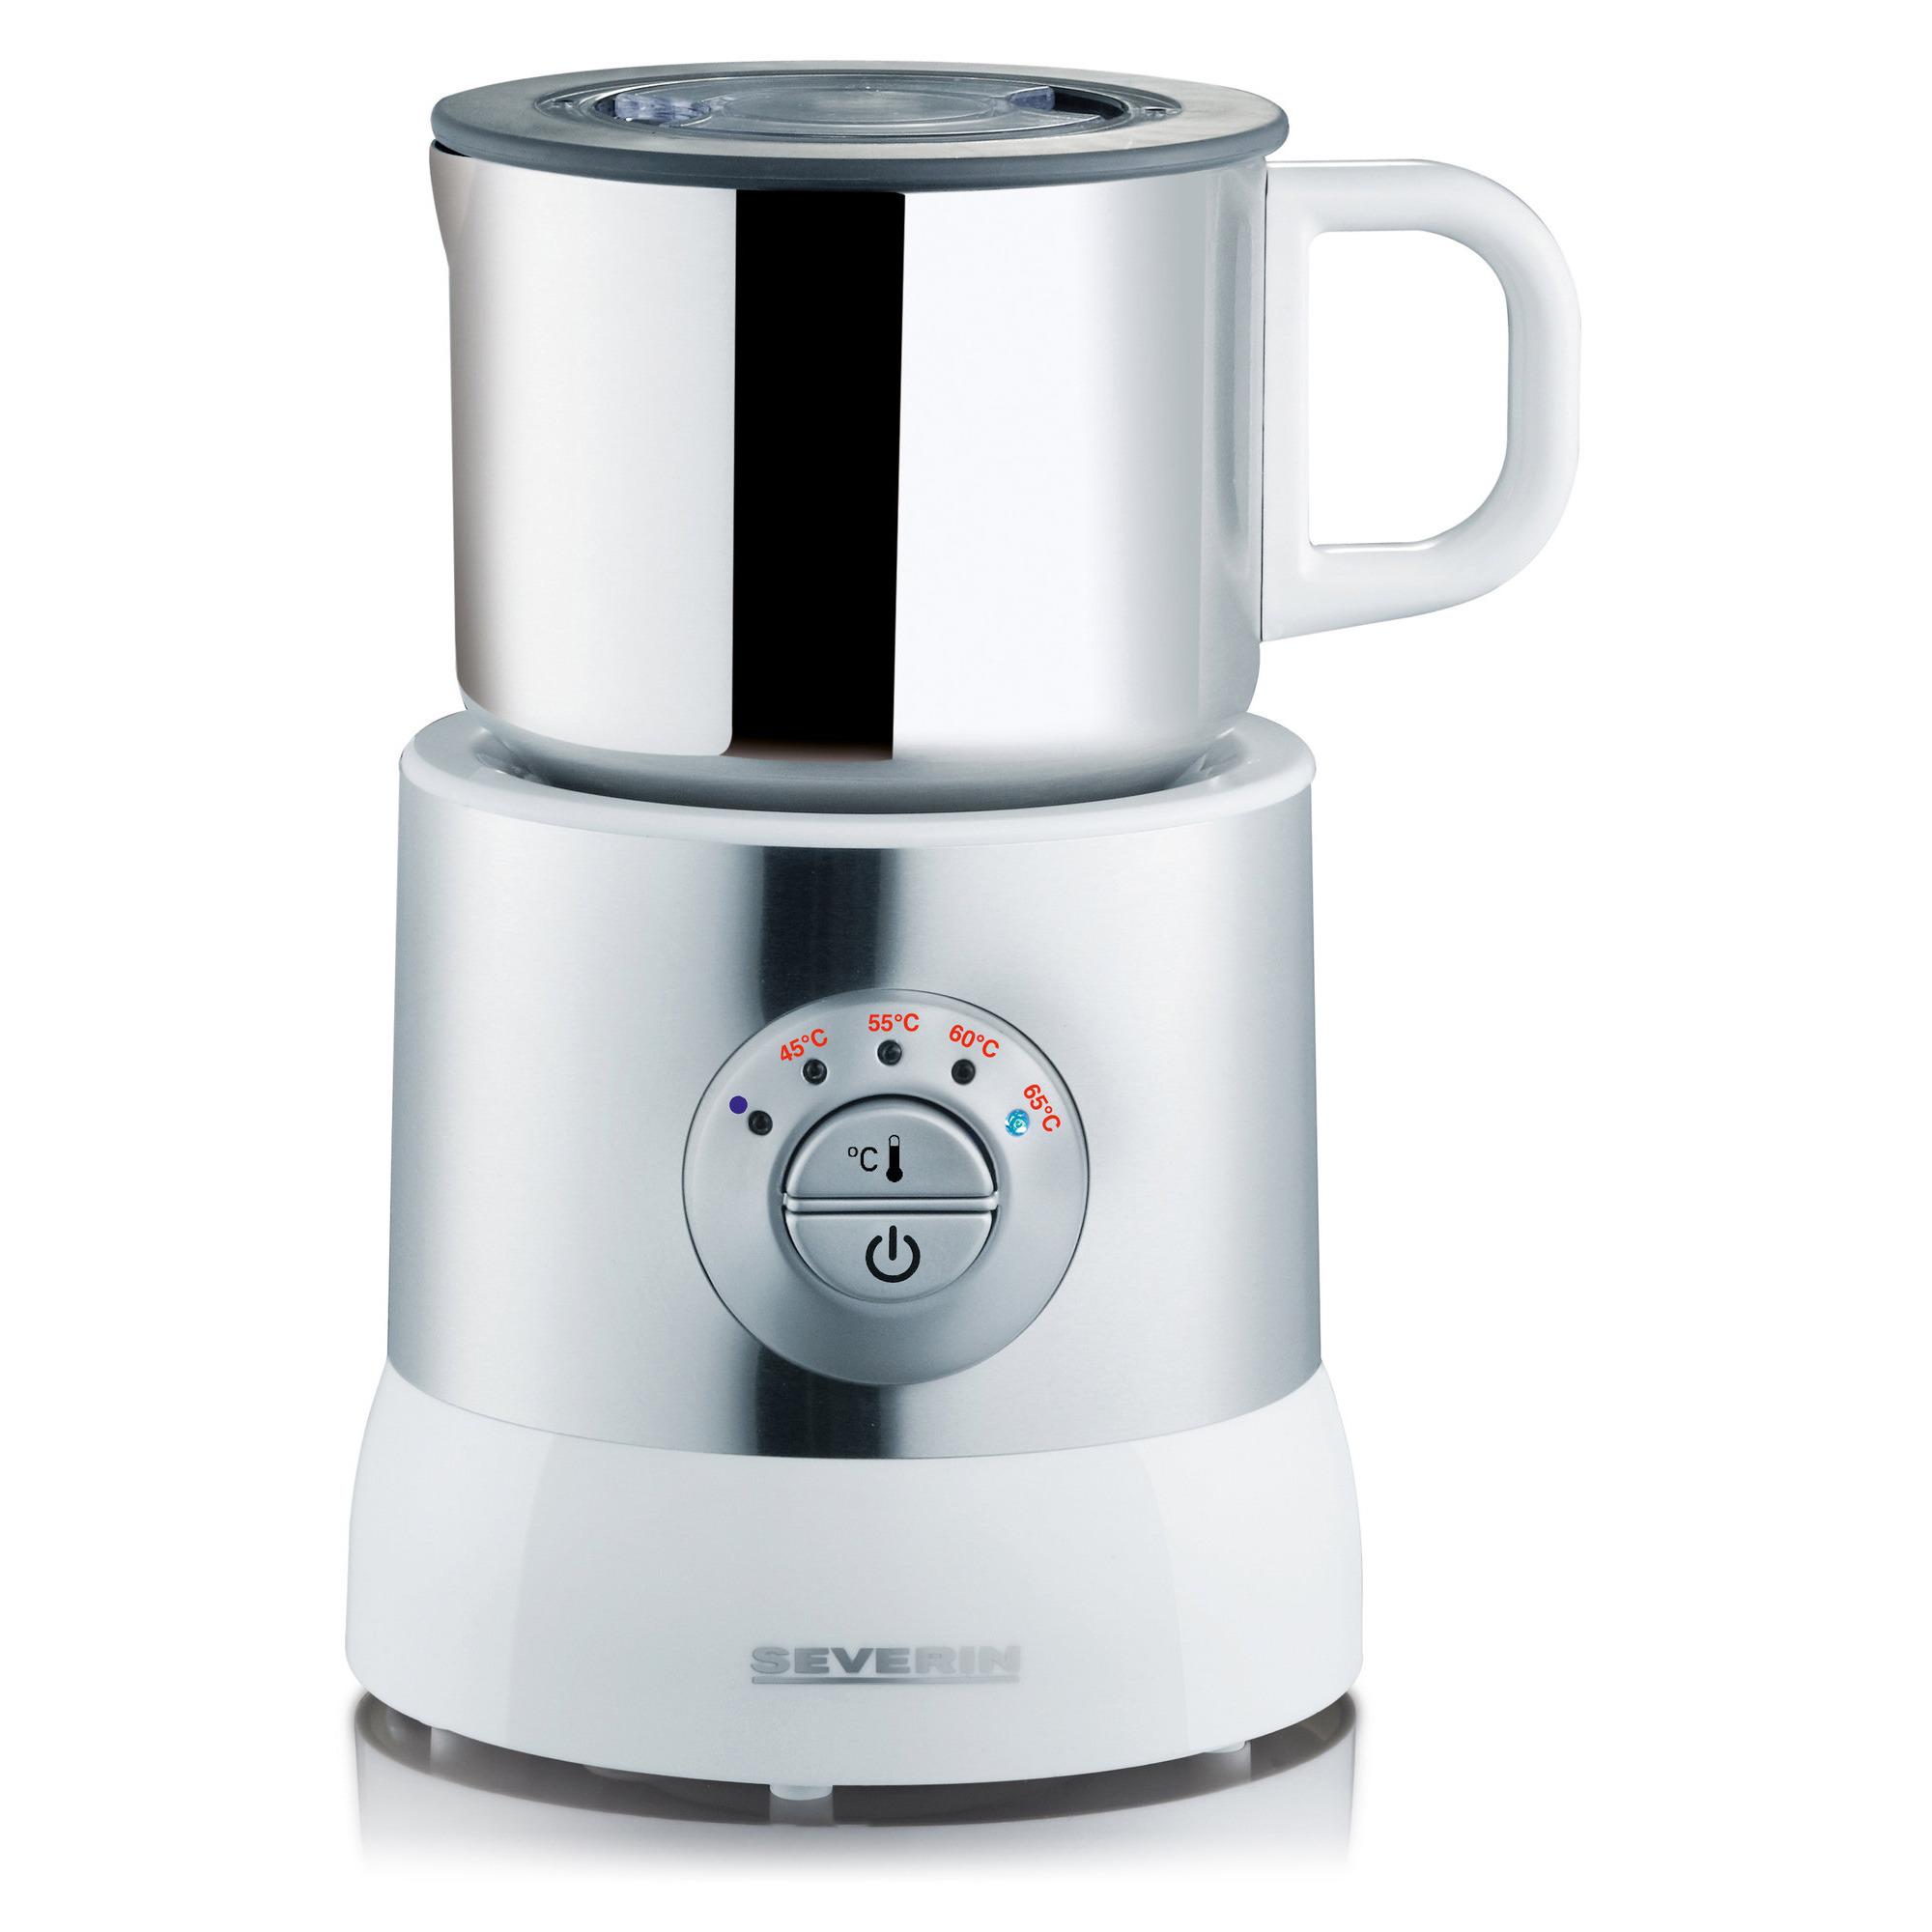 Severin Mjölkskummare Silver/Vit 700 ml – SM9685